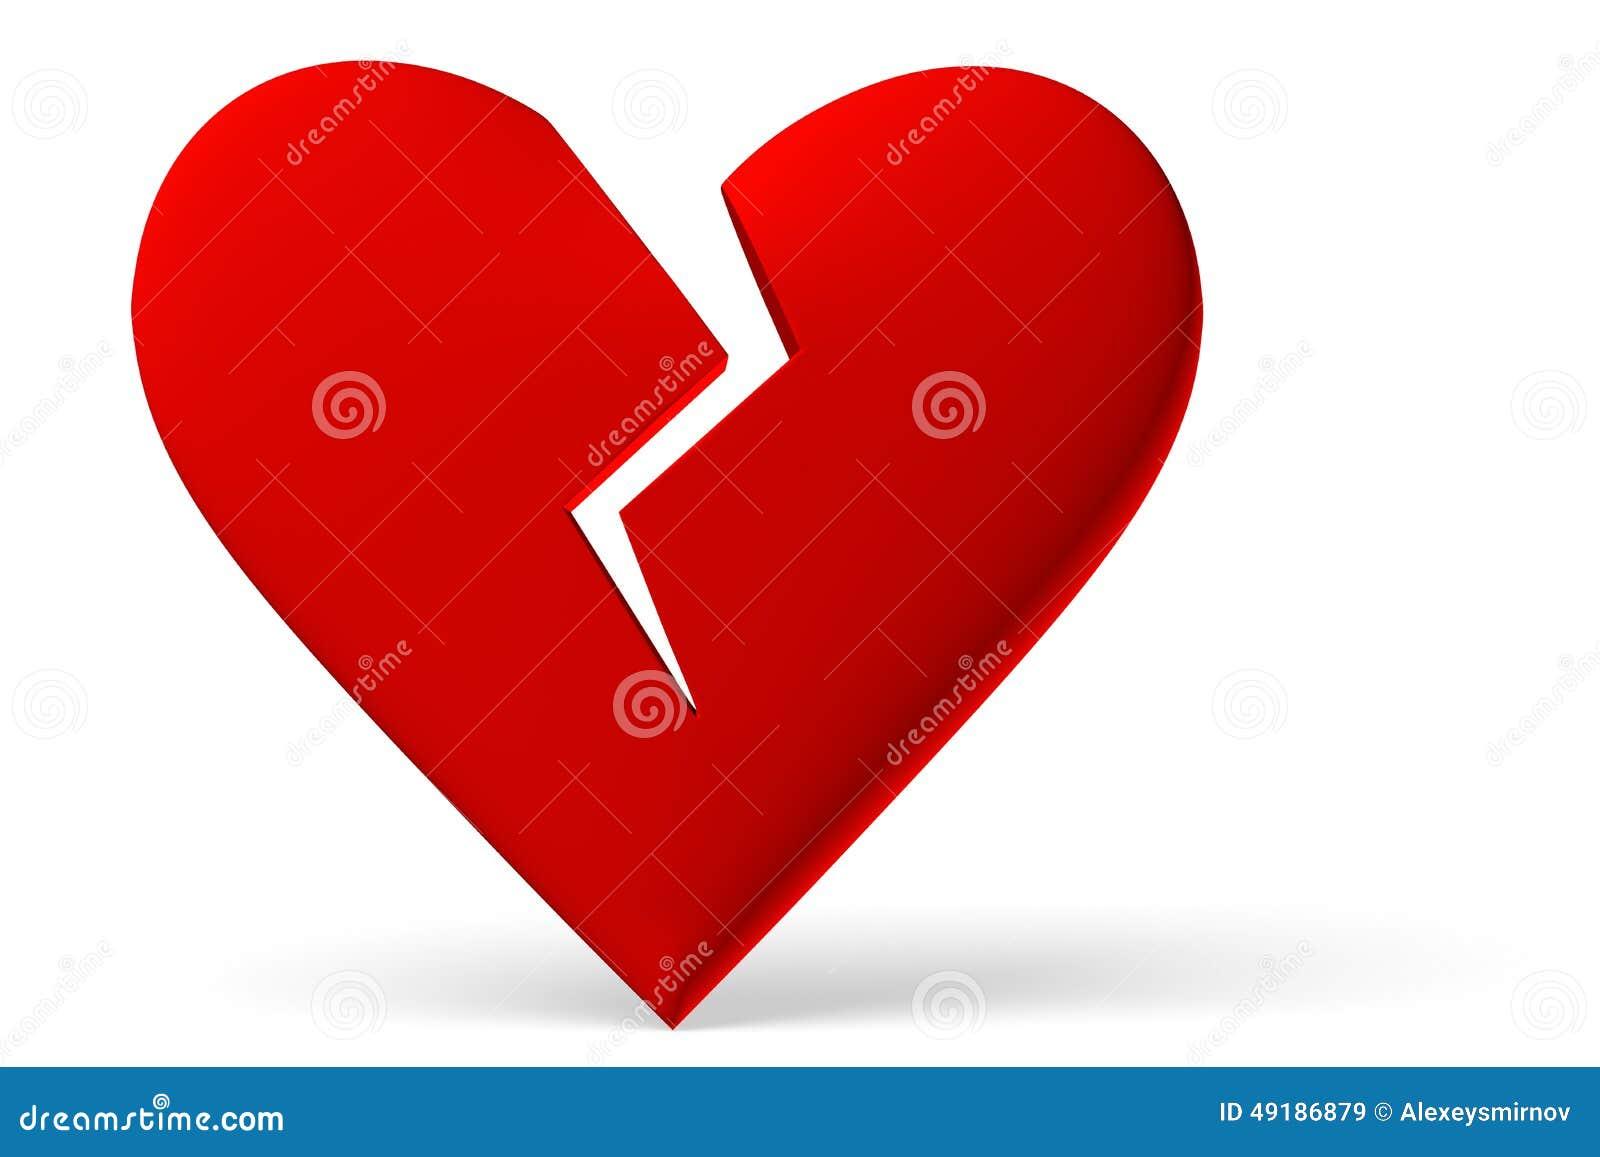 Red Broken Heart Symbol Stock Illustration Illustration Of Broken